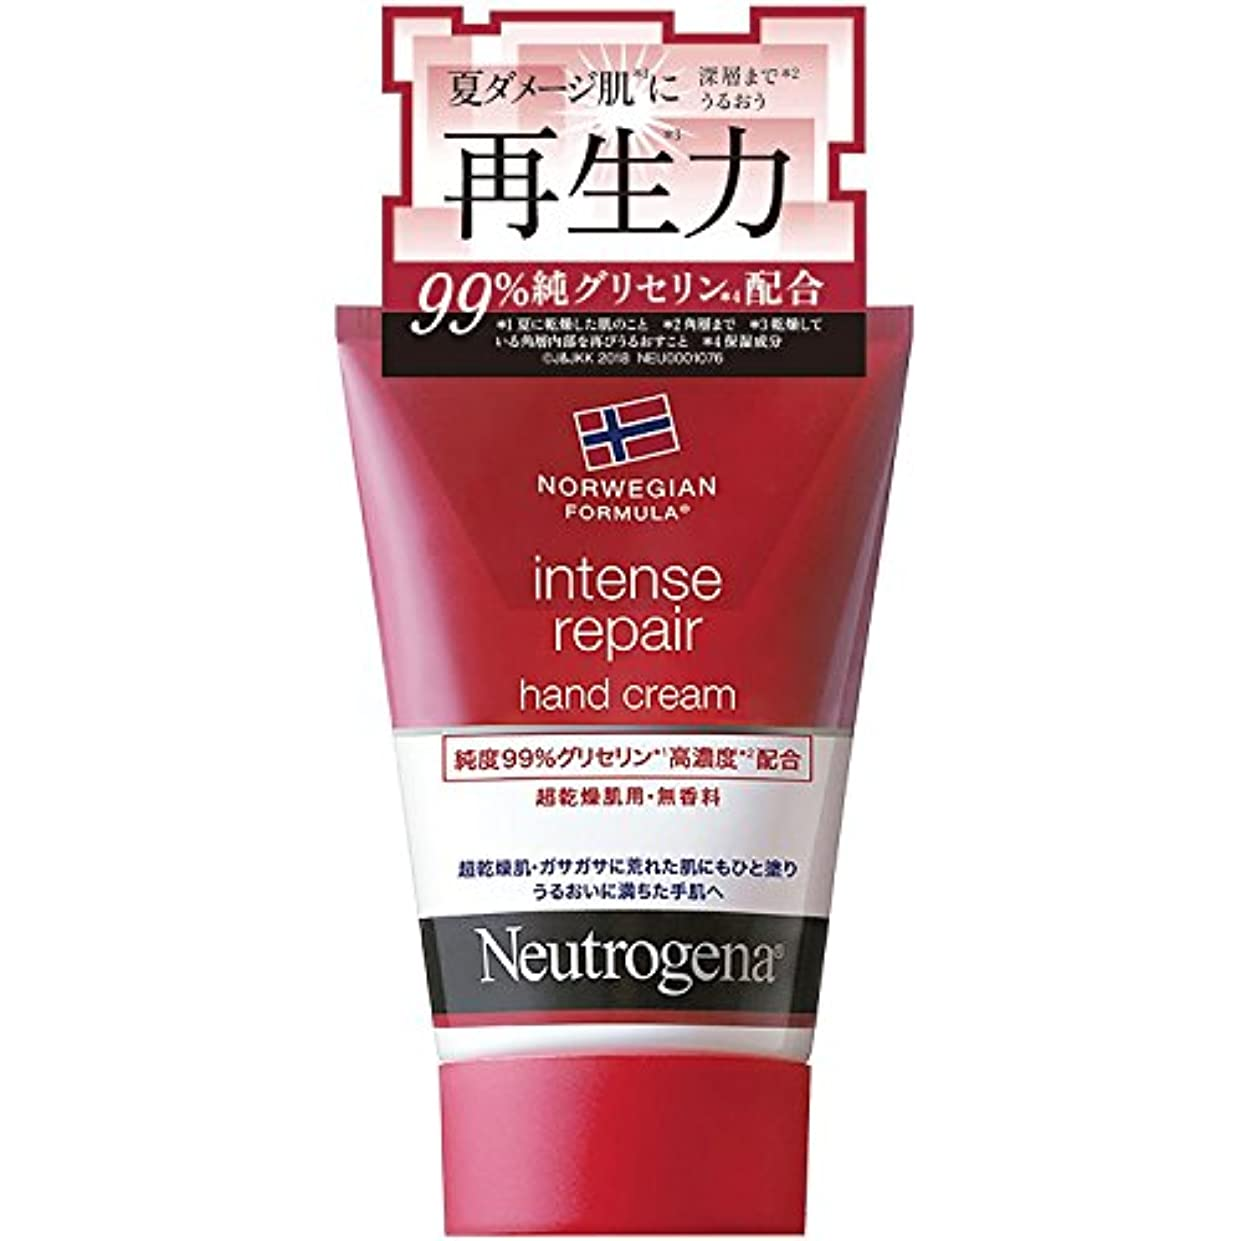 理解バイパスいたずらなNeutrogena(ニュートロジーナ) ノルウェーフォーミュラ インテンスリペア ハンドクリーム 超乾燥肌用 無香料 単品 50g